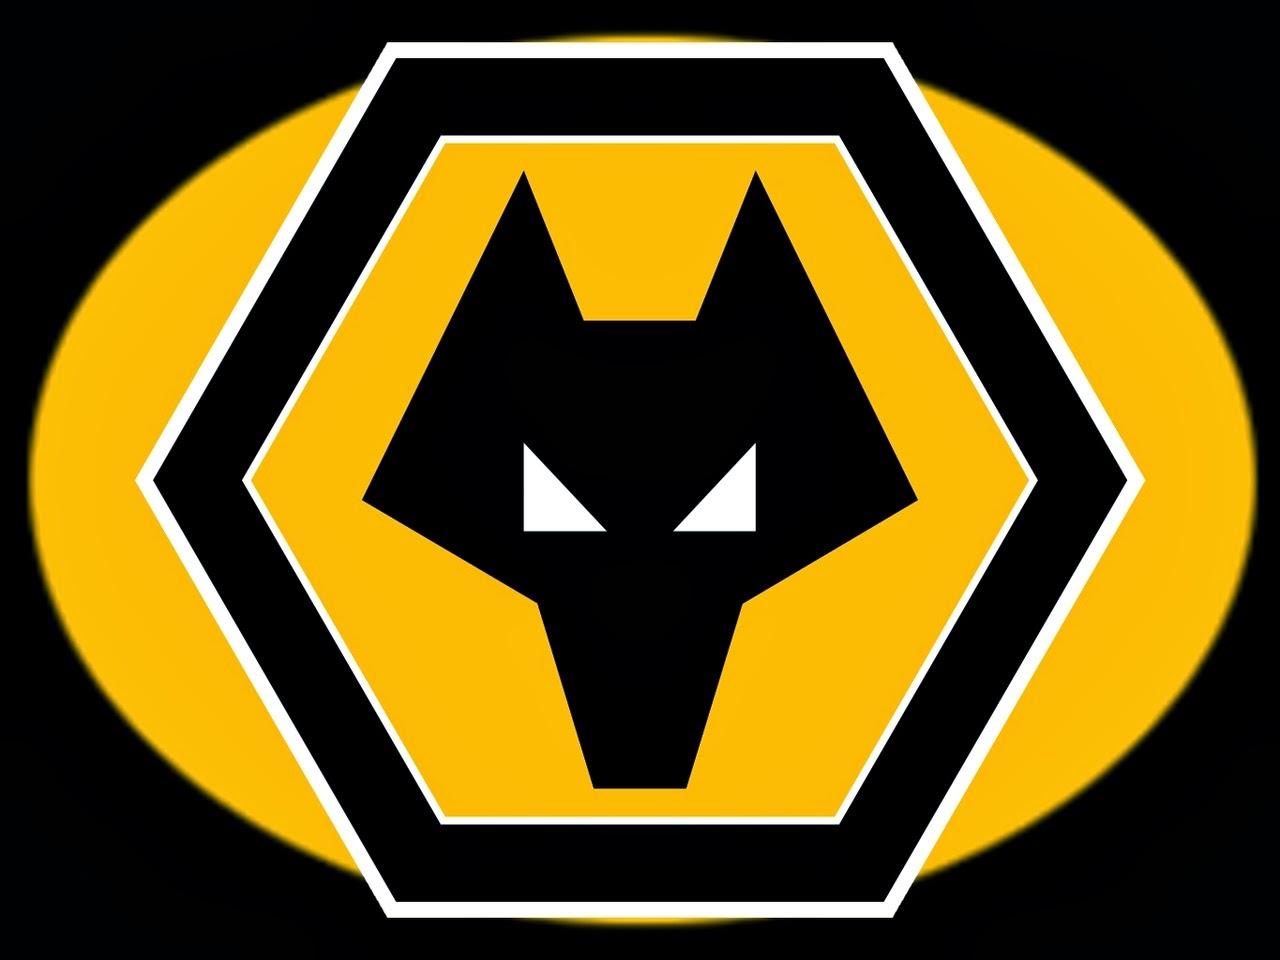 CALCIO Wolverhampton e il logo visto dal basso